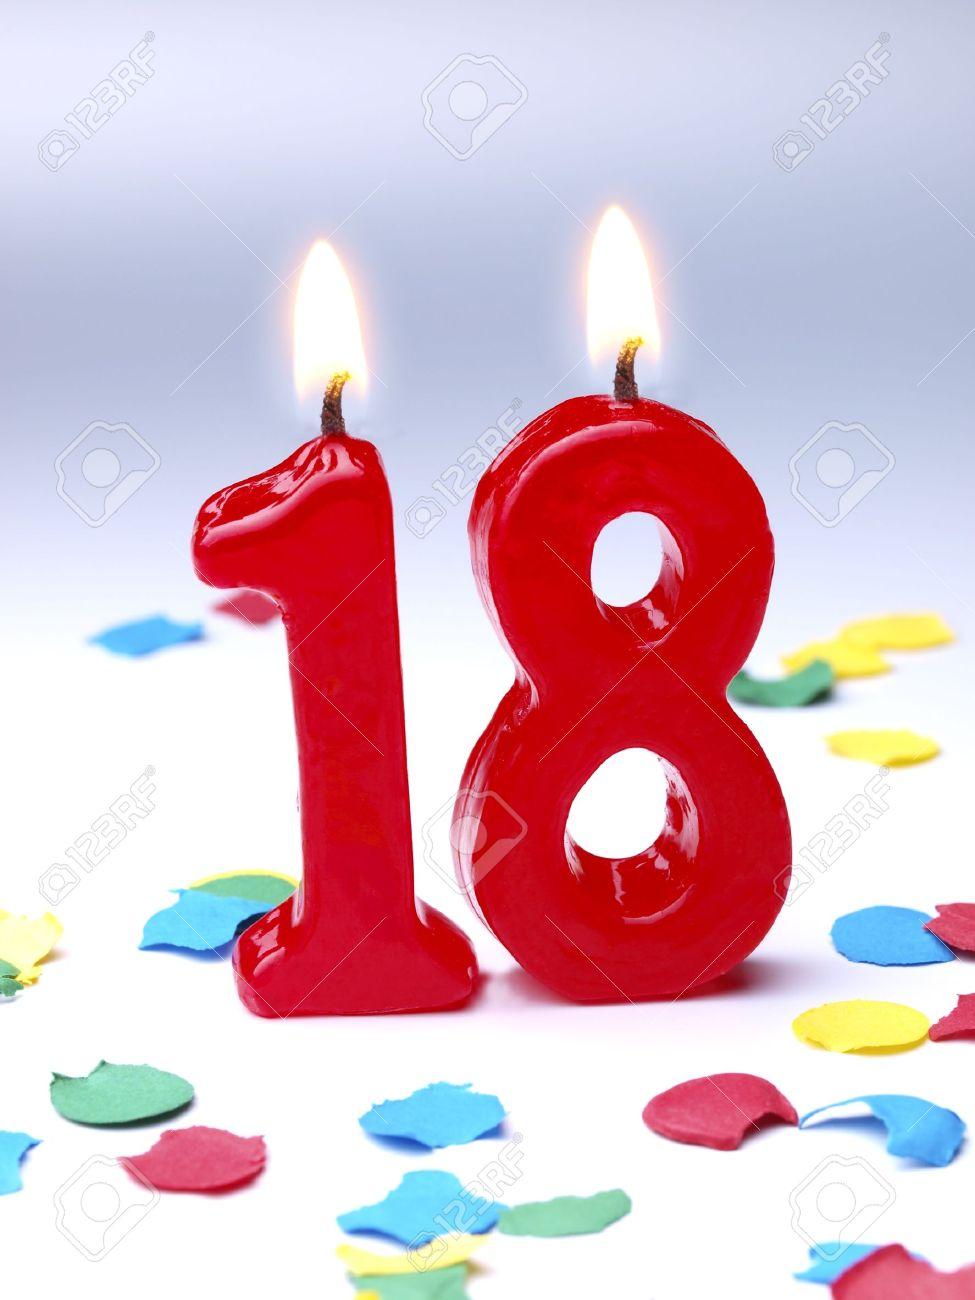 Поздравления с днем рождения 18 лет в прозе поздравления 43